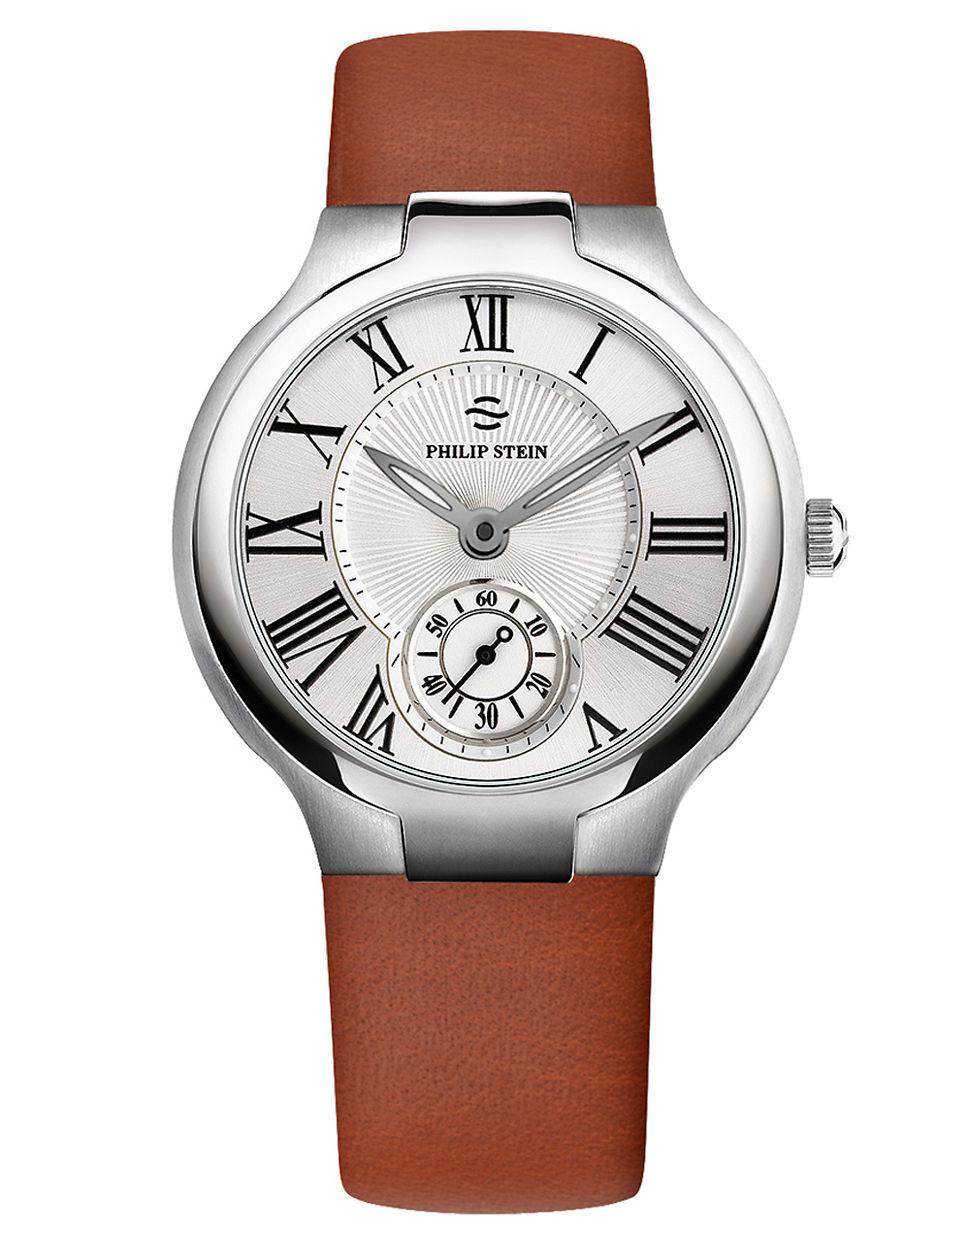 Philip stein unisex round watch on brown italian calf strap in brown lyst for Philip stein watches